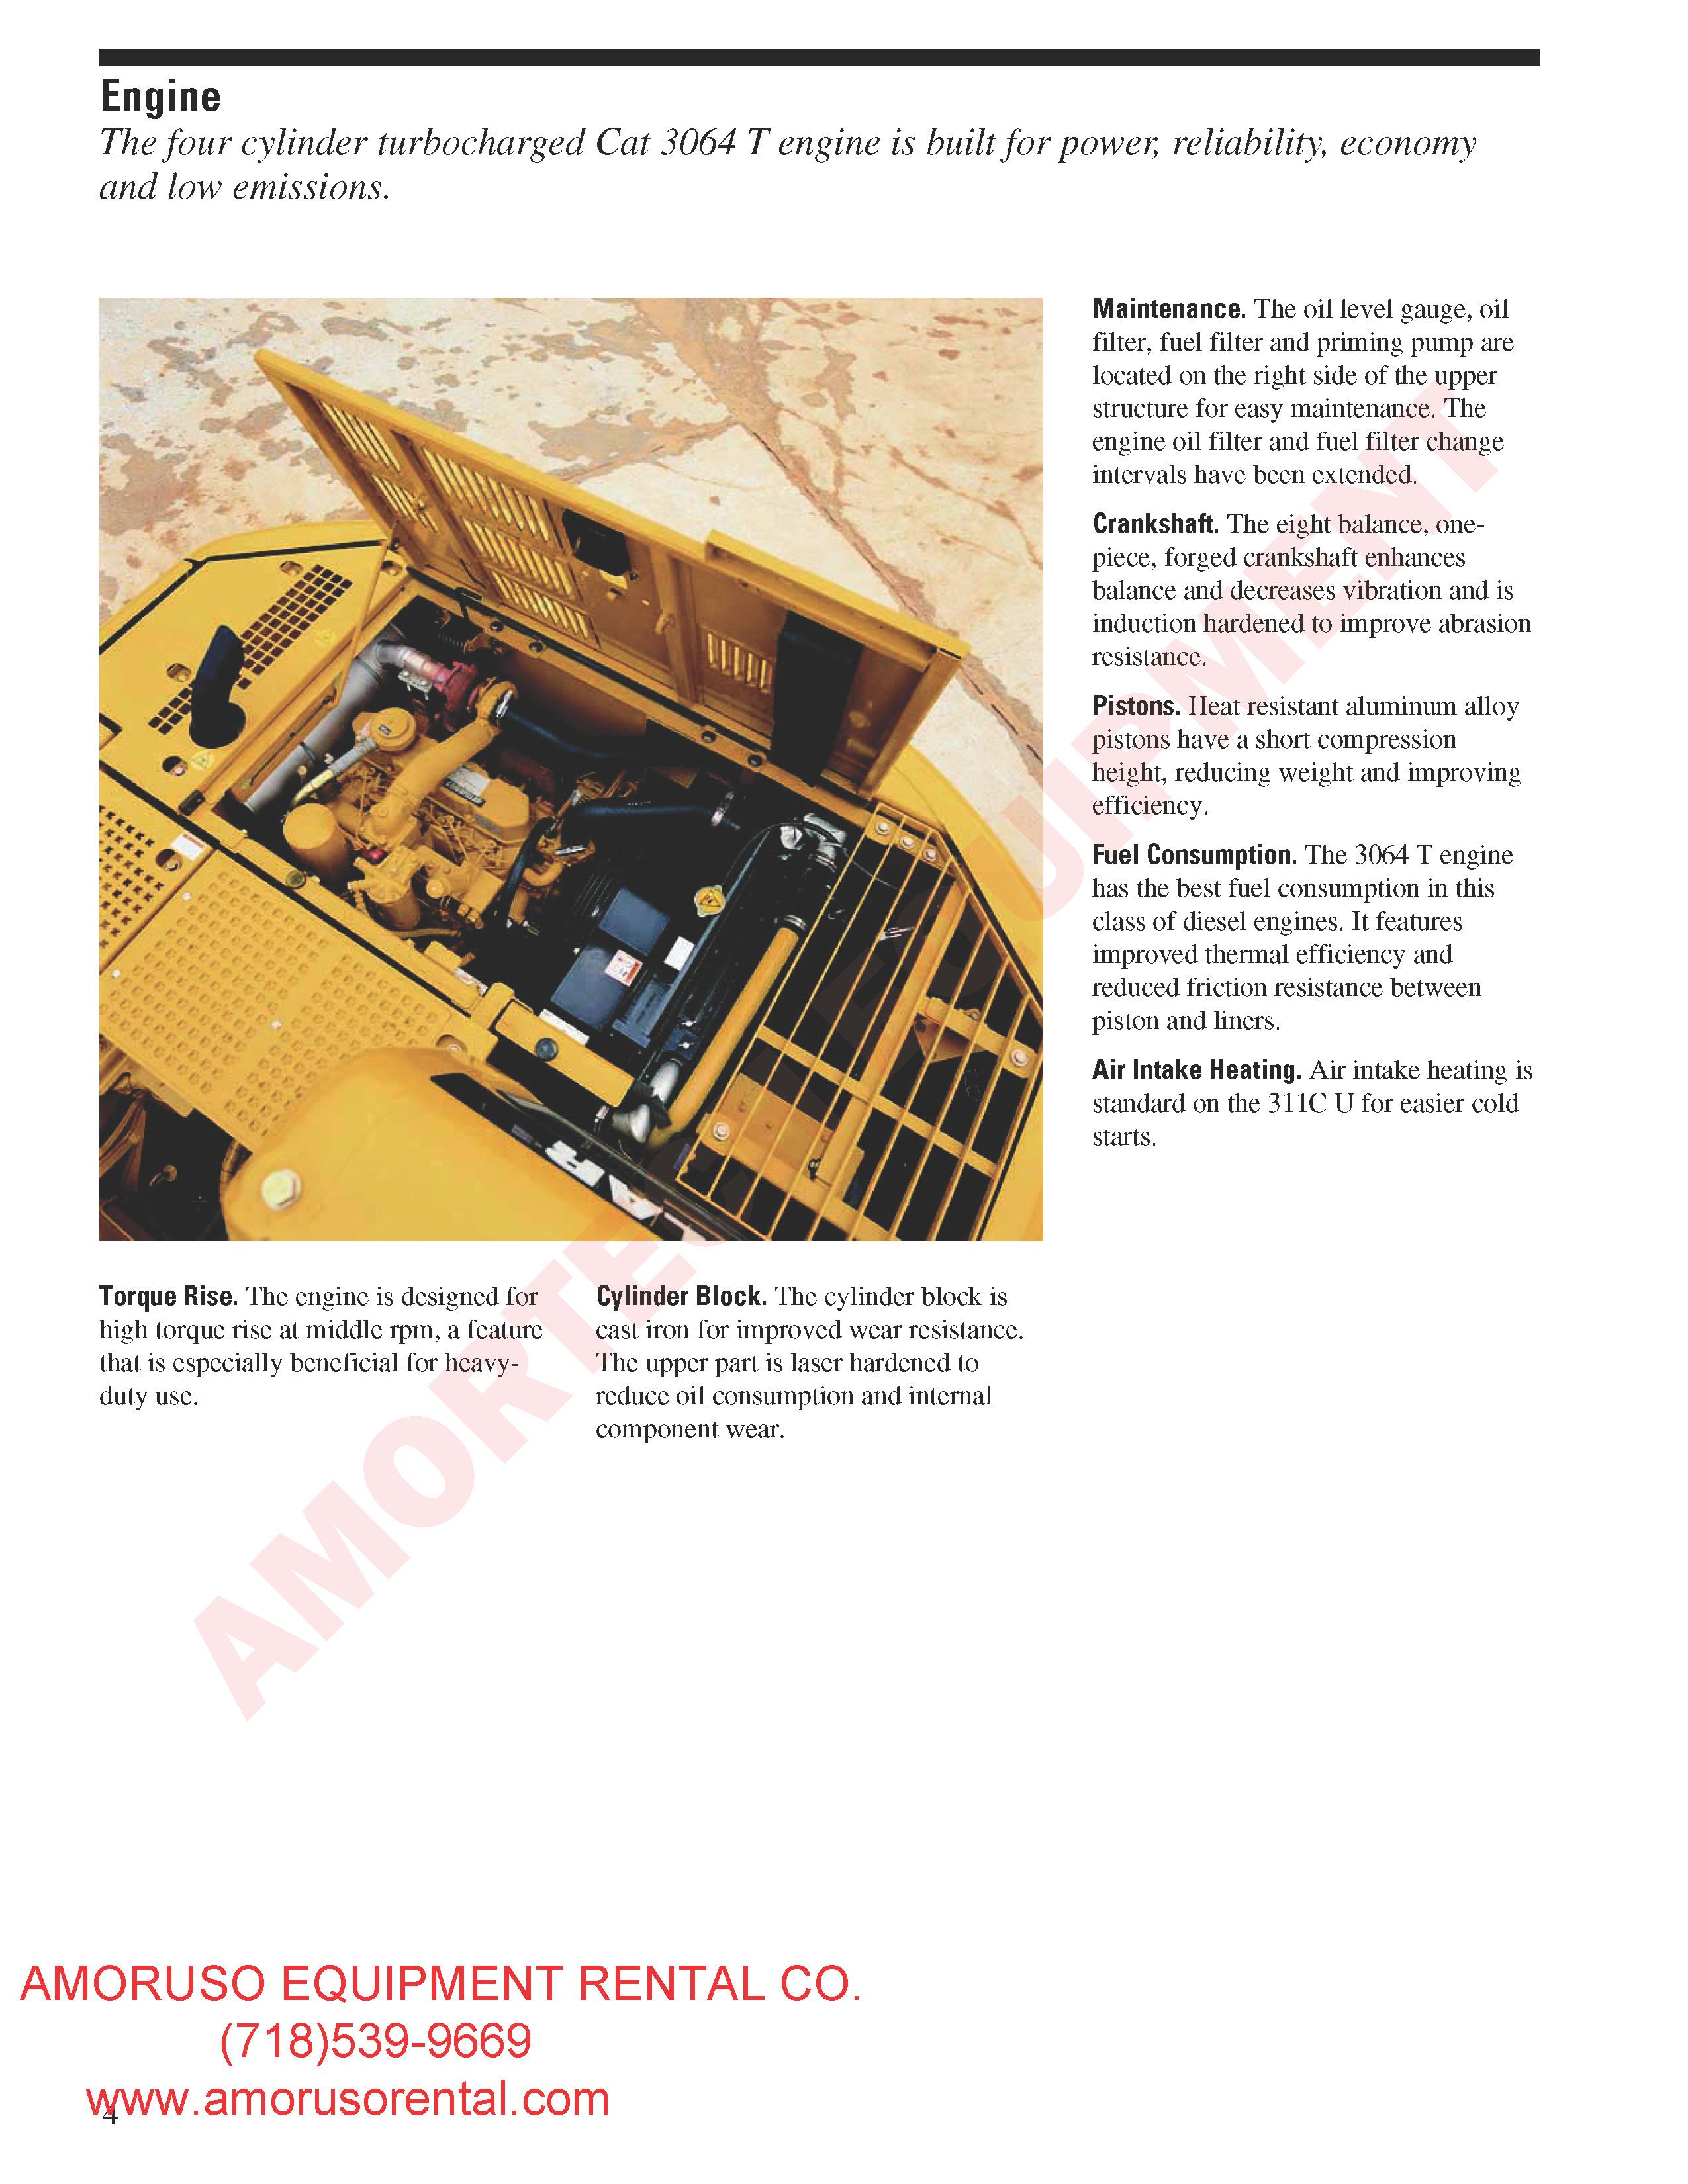 Cat 311cu Track Compact Radius Turbocharger Diagram Of Engine